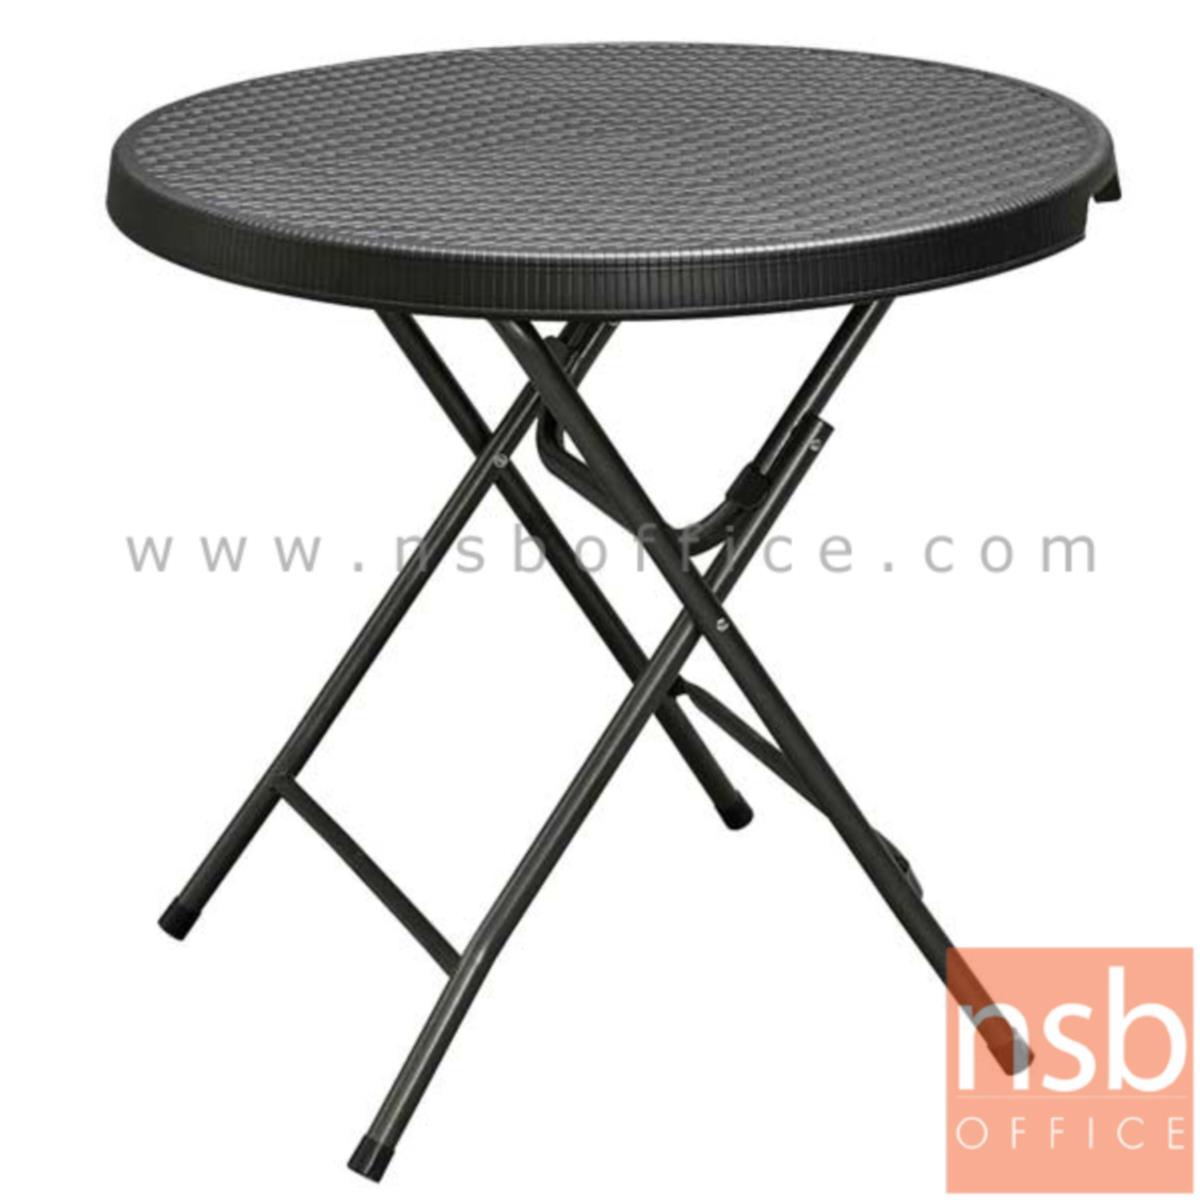 G11A164:โต๊ะพับหน้าหวายสาน รุ่น RF80  ขนาด 80W cm.  ขาเหล็กสีดำเกล็ดเงิน